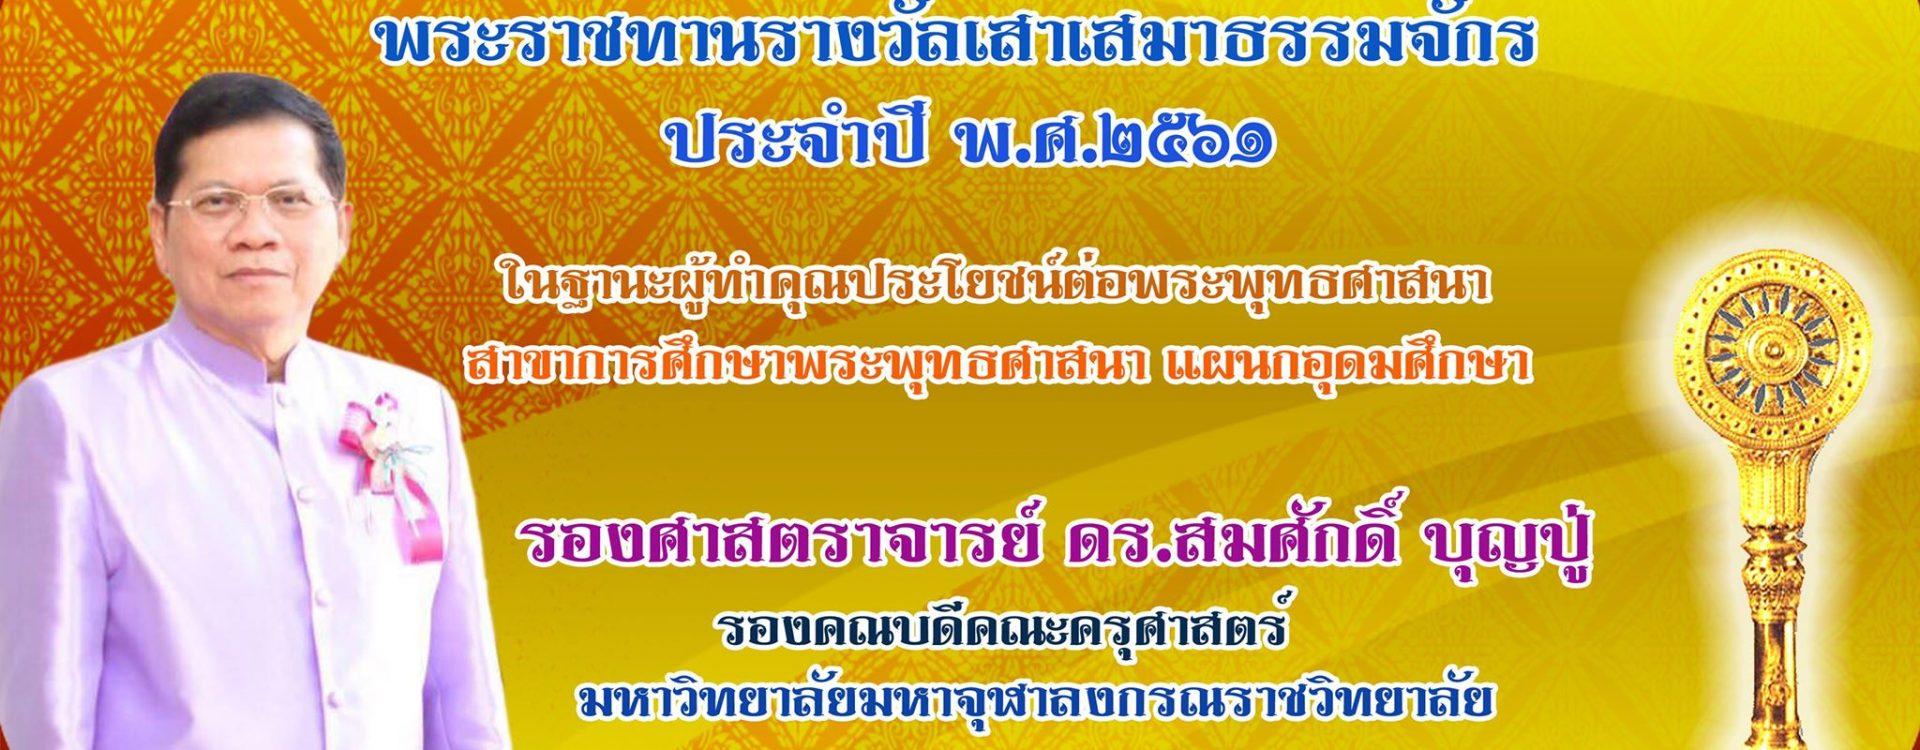 ขอแสดงความยินดีกับผู้บริหาร อาจารย์ที่ได้รับพระราชทานเสาเสมาธัมมจักร สาขาส่งเสริมการศึกษาพระพุทธศาสนา